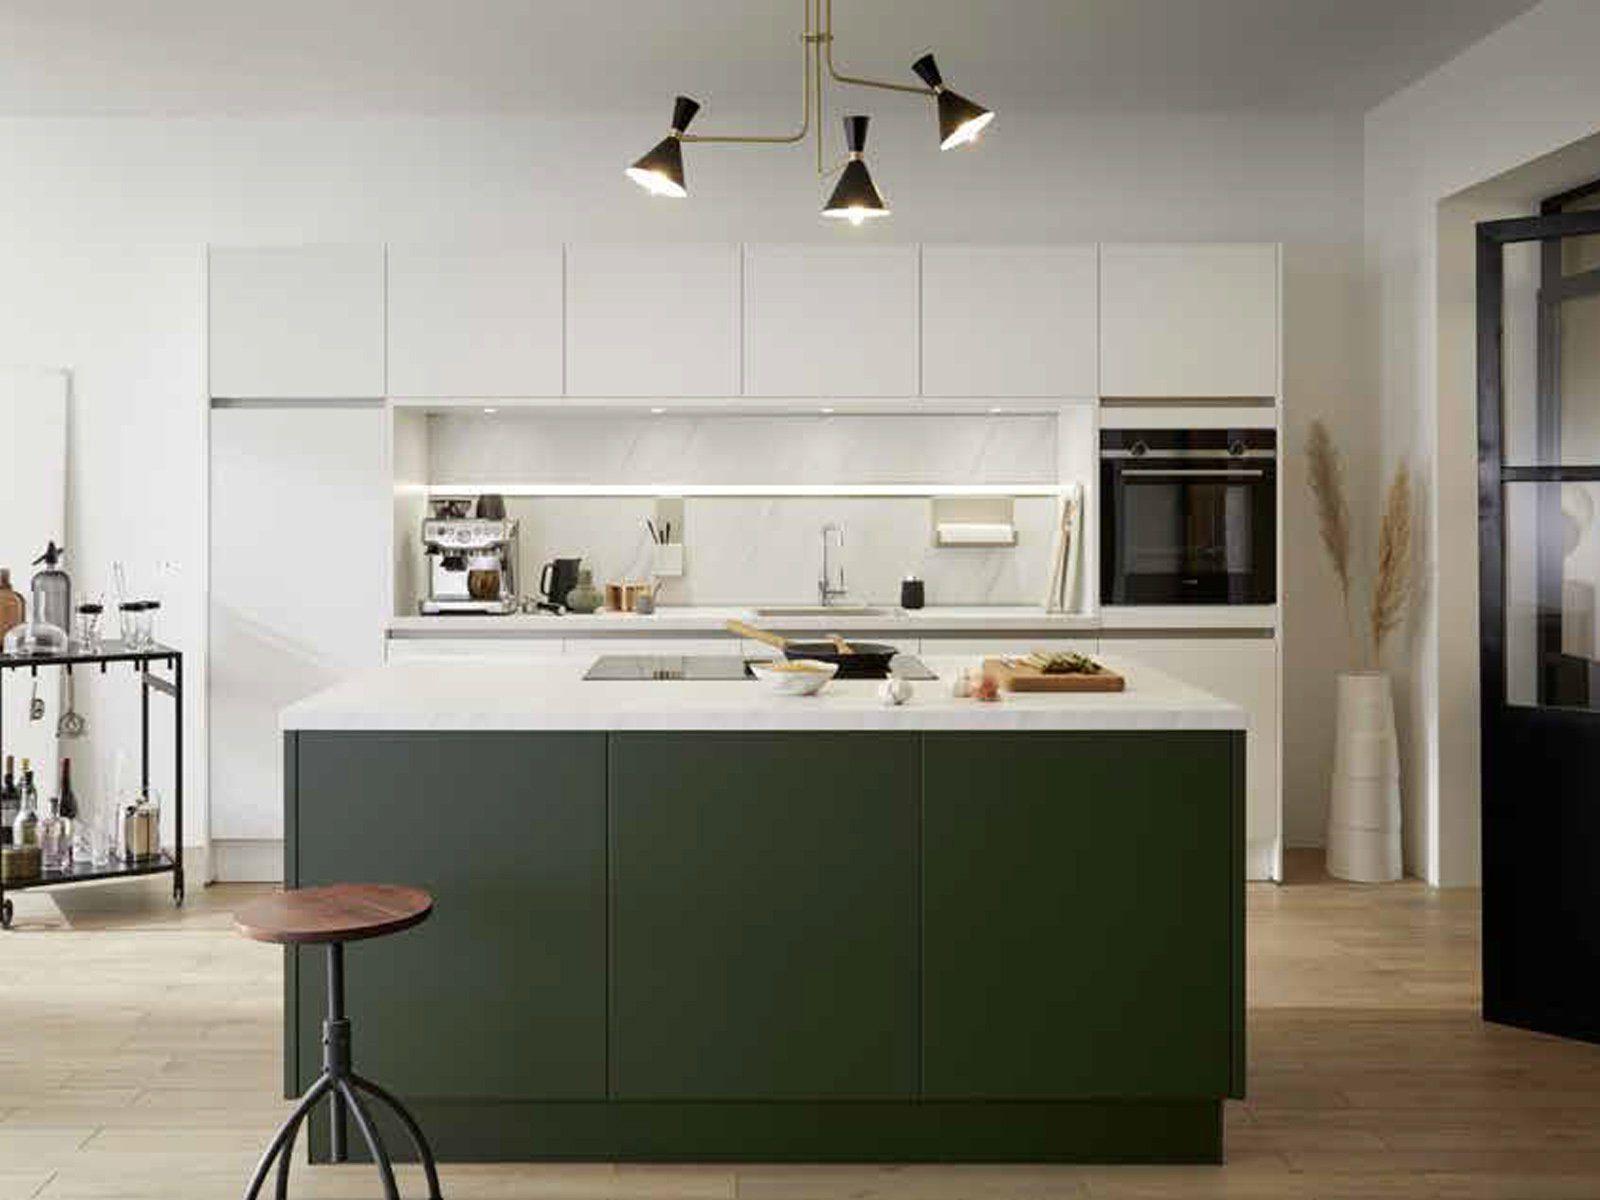 KW38 Prospekt: 13 % Rabatt auf Schüller-Küchen